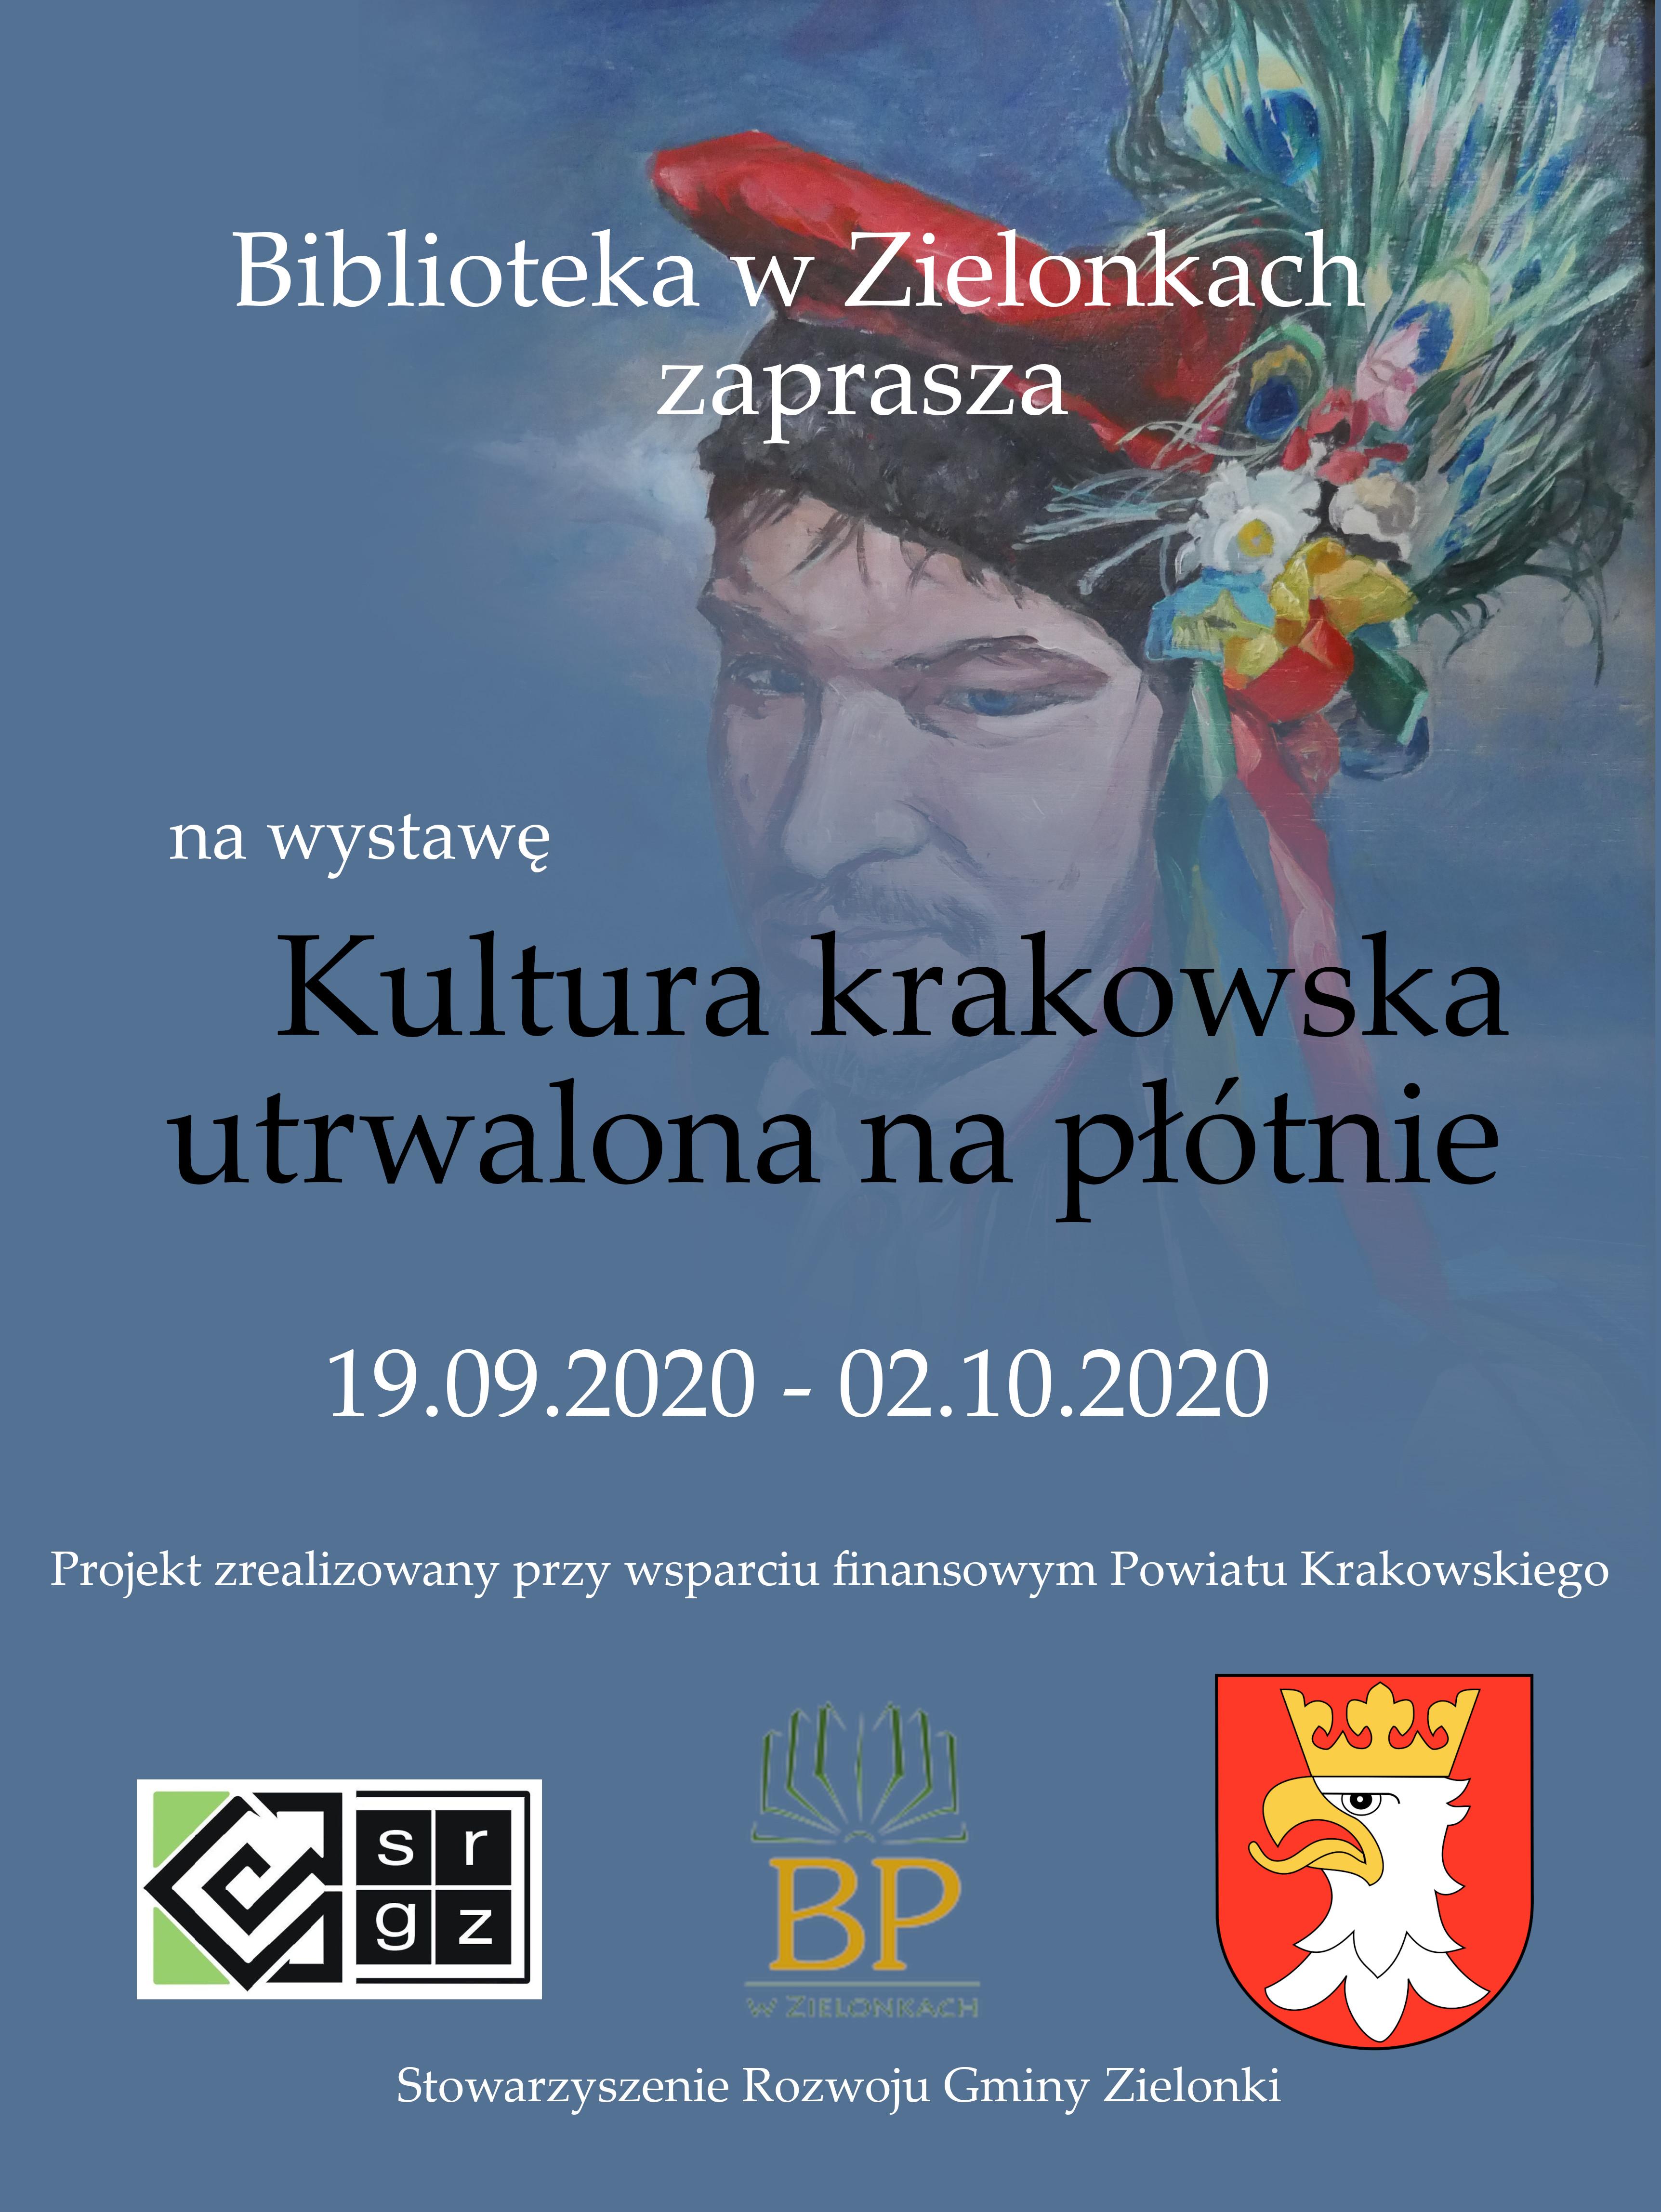 Kultura krakowska utrwalona na płótnie